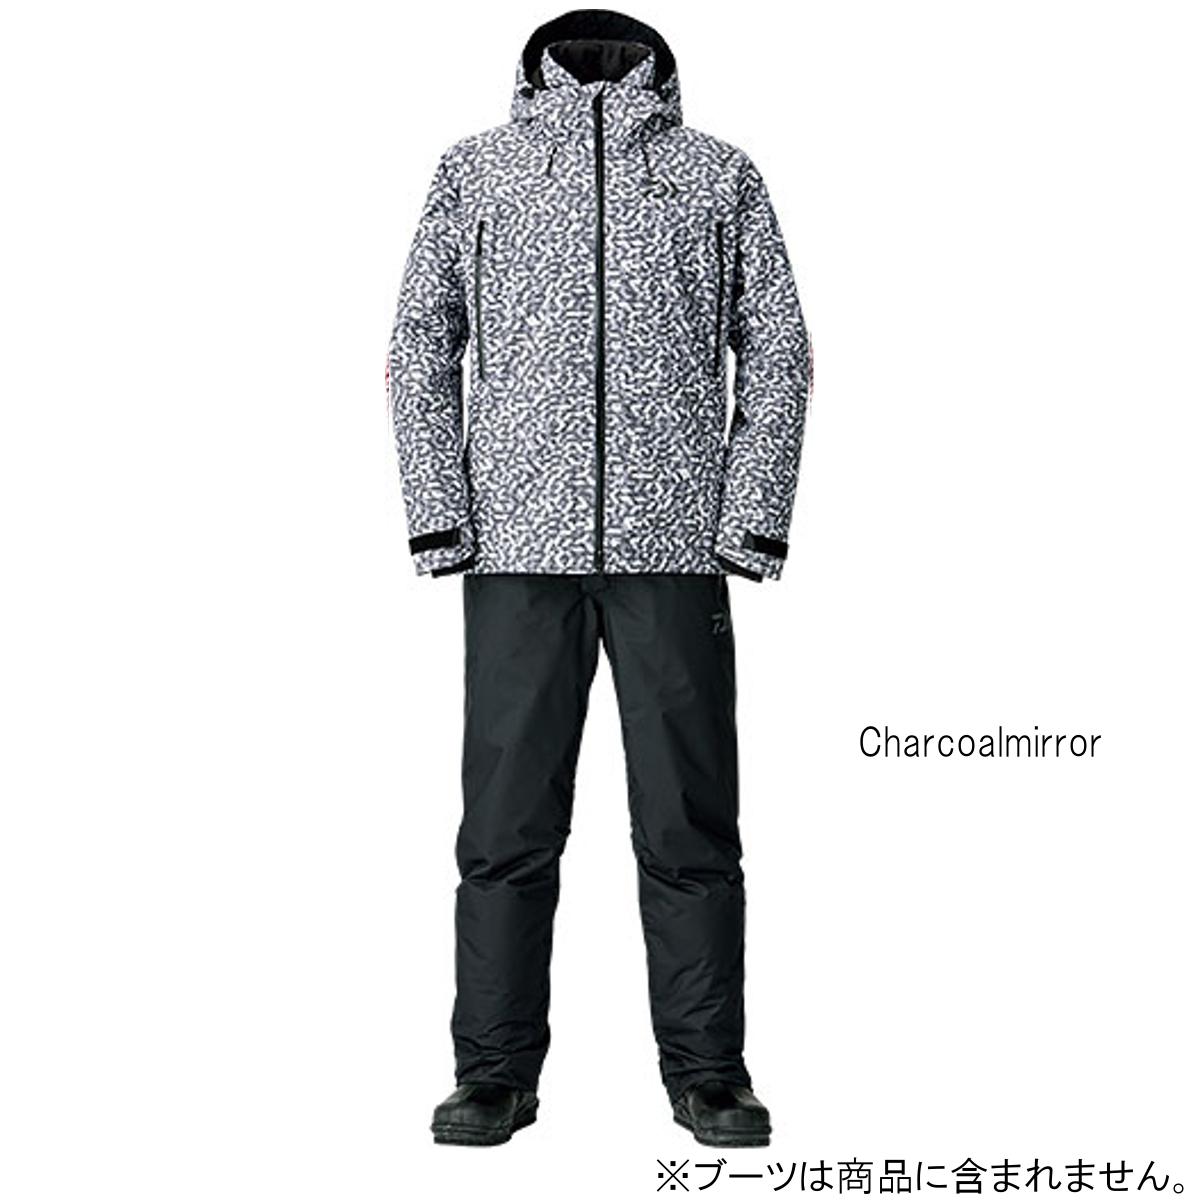 ダイワ レインマックス ウィンタースーツ DW-3108 2XL Charcoalmirror(東日本店)